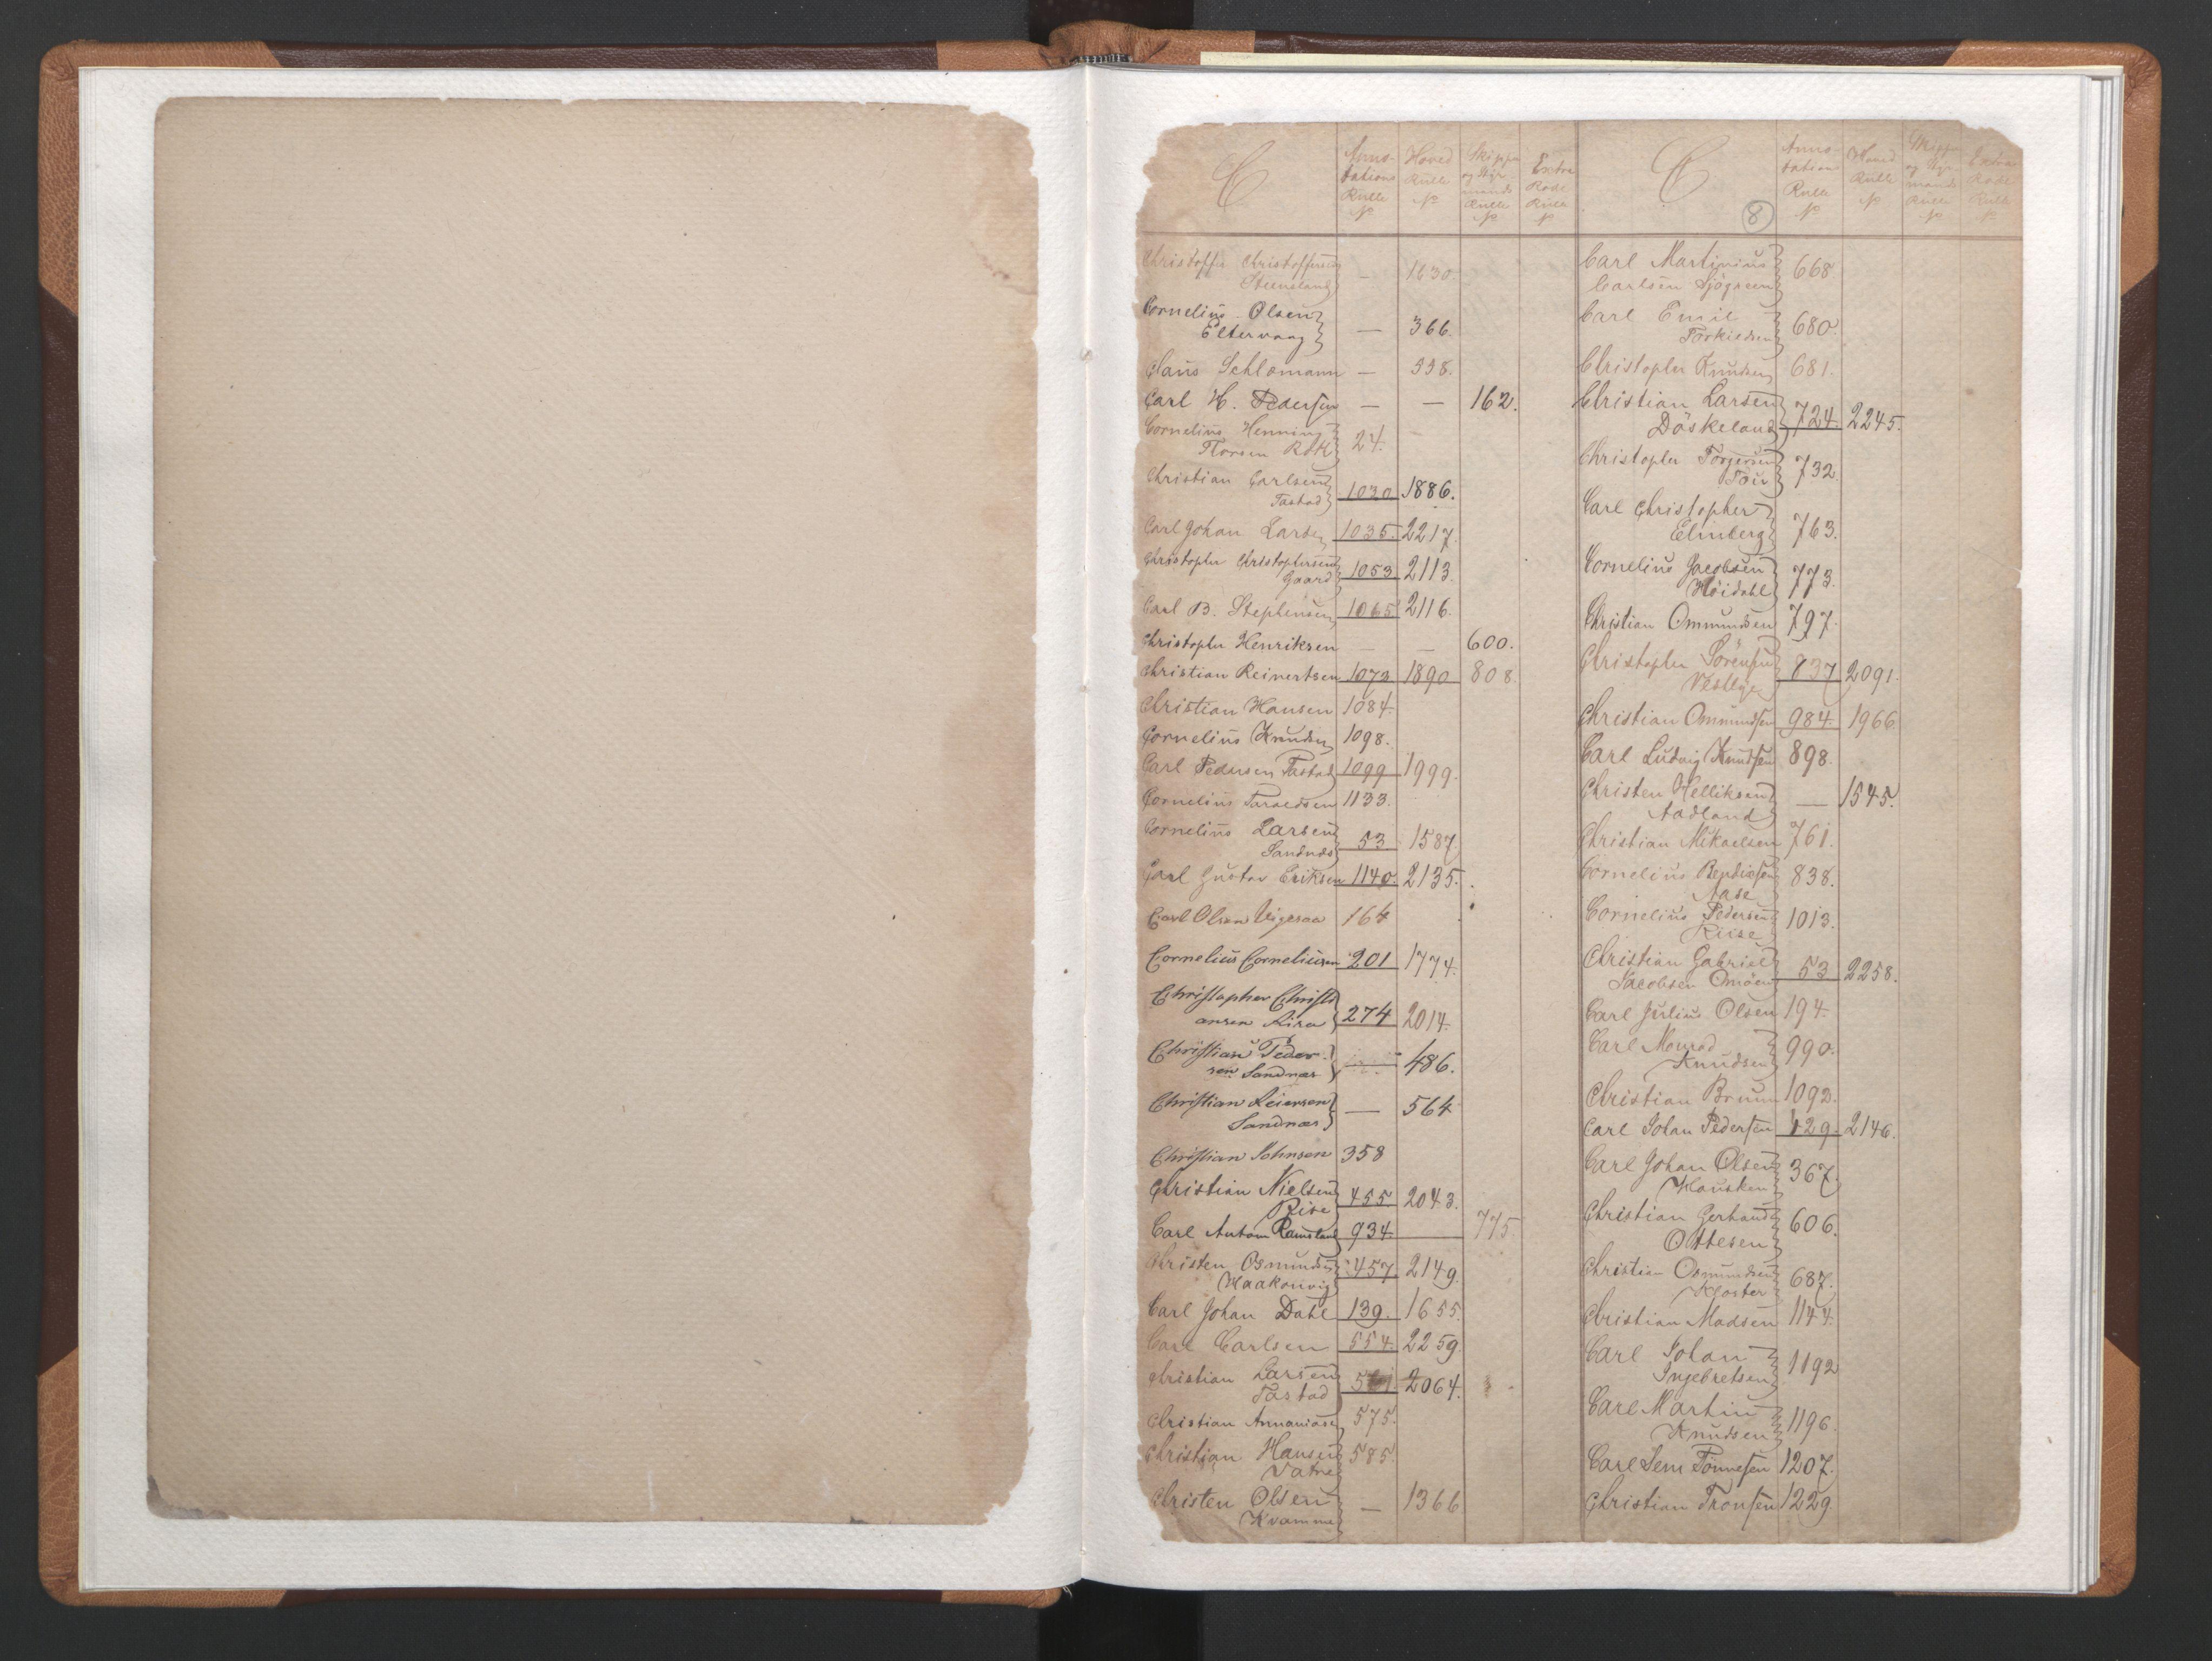 SAST, Stavanger sjømannskontor, F/Fb/Fba/L0002: Navneregister sjøfartsruller, 1860-1869, s. 9